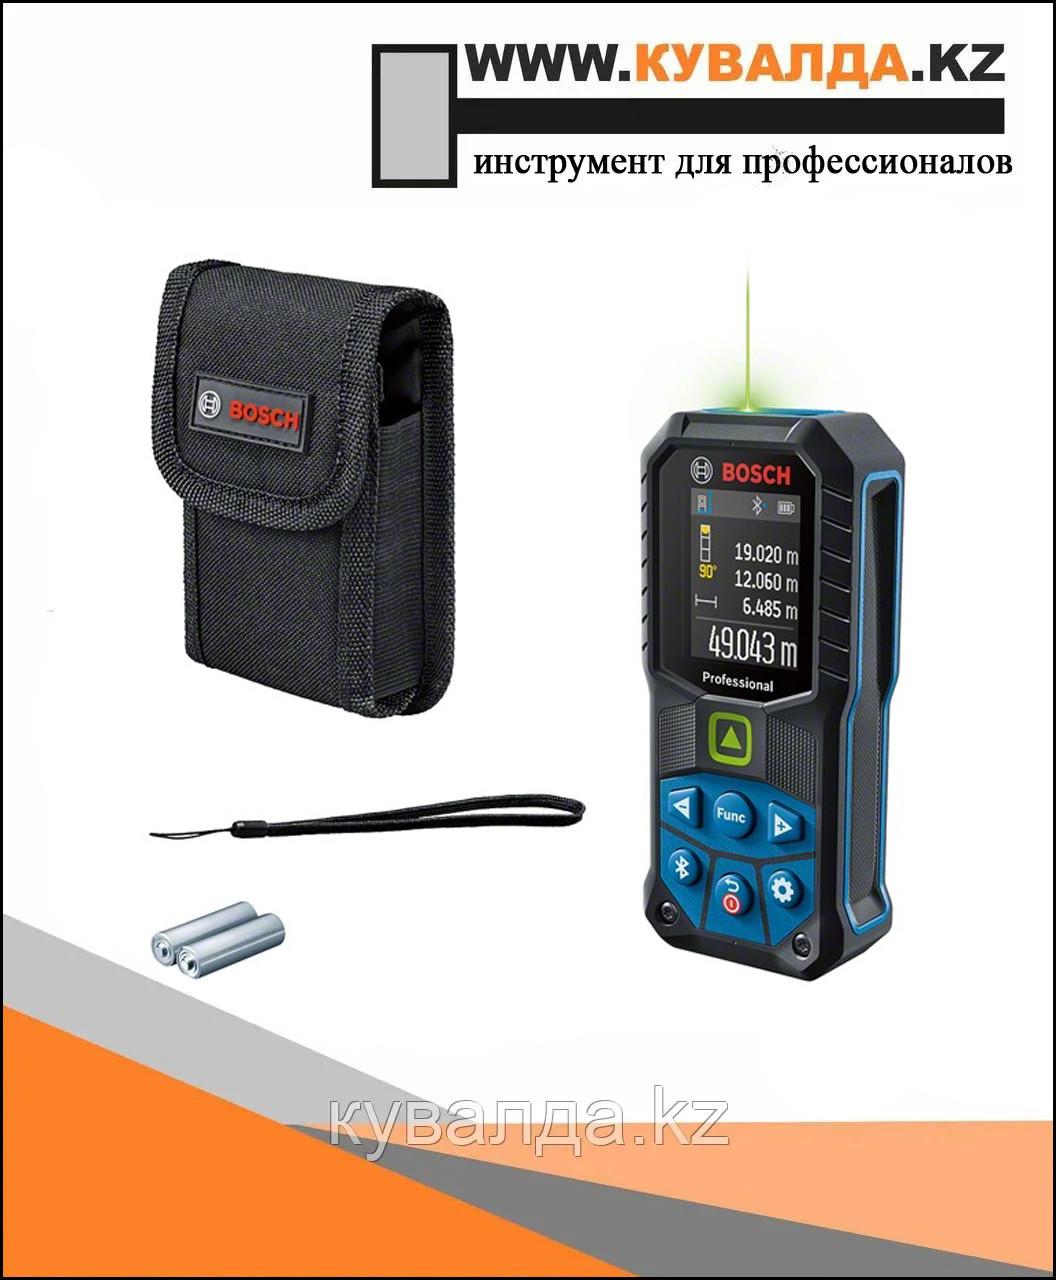 ЛАЗЕРНЫЙ ДАЛЬНОМЕР GLM 50-27 CG PROFESSIONAL